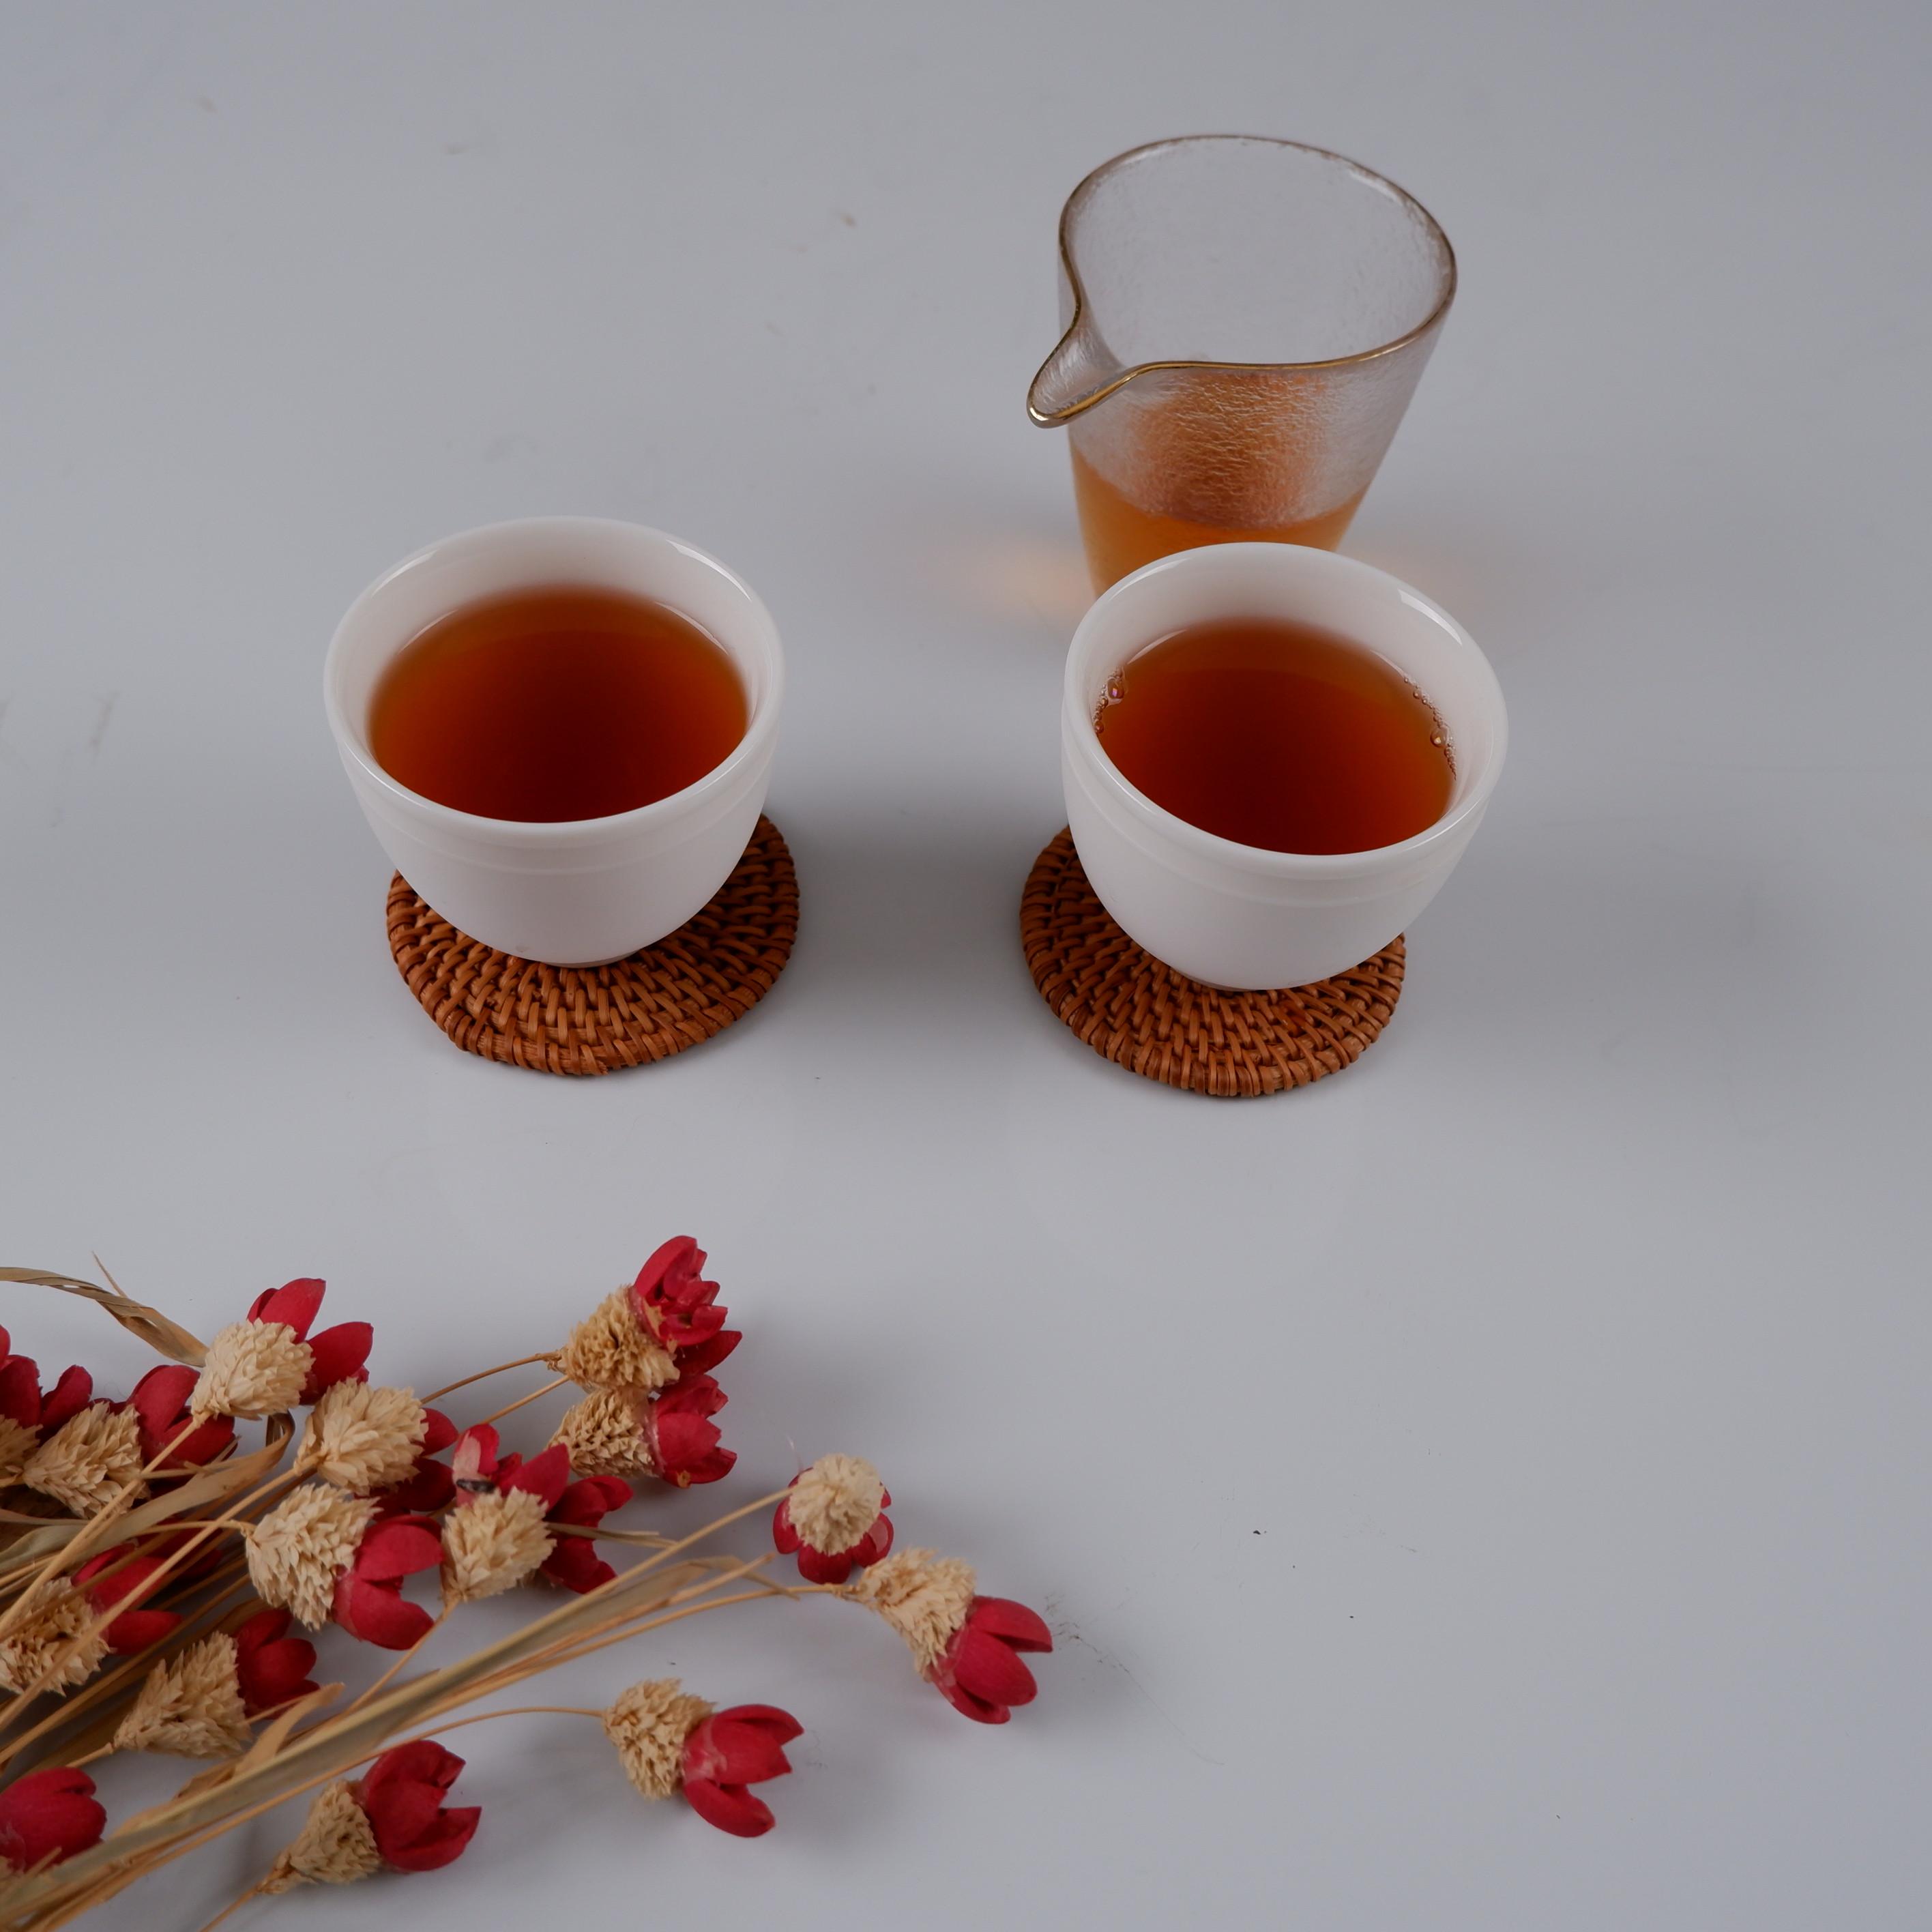 2020 White Tea Bai Mu Dan for Old Tree Loose Peony Tea - 4uTea | 4uTea.com